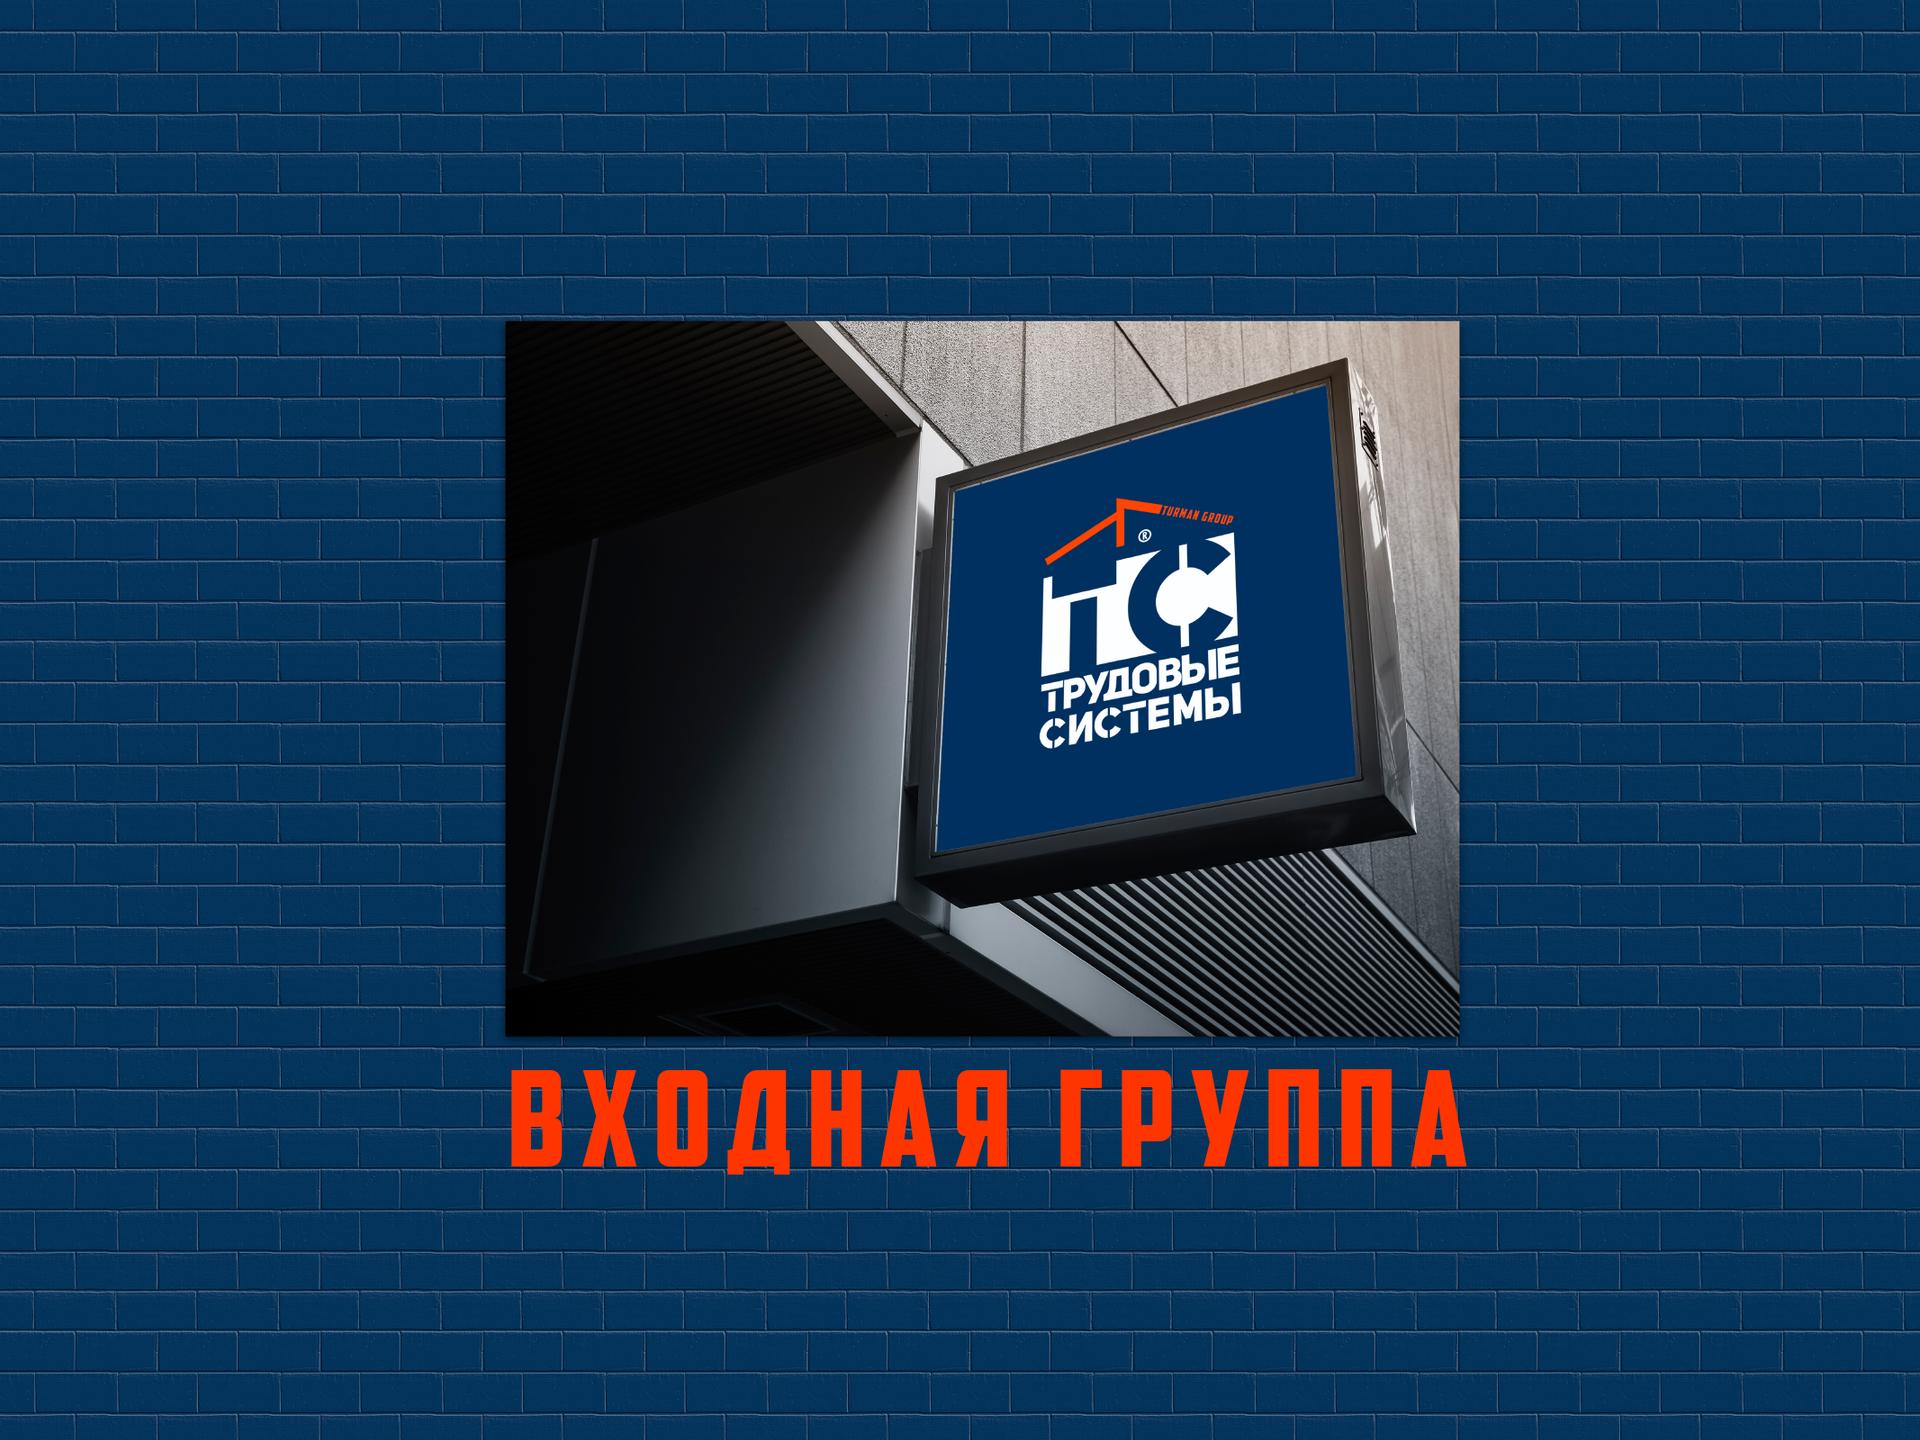 ТС фирменный стиль-11.png